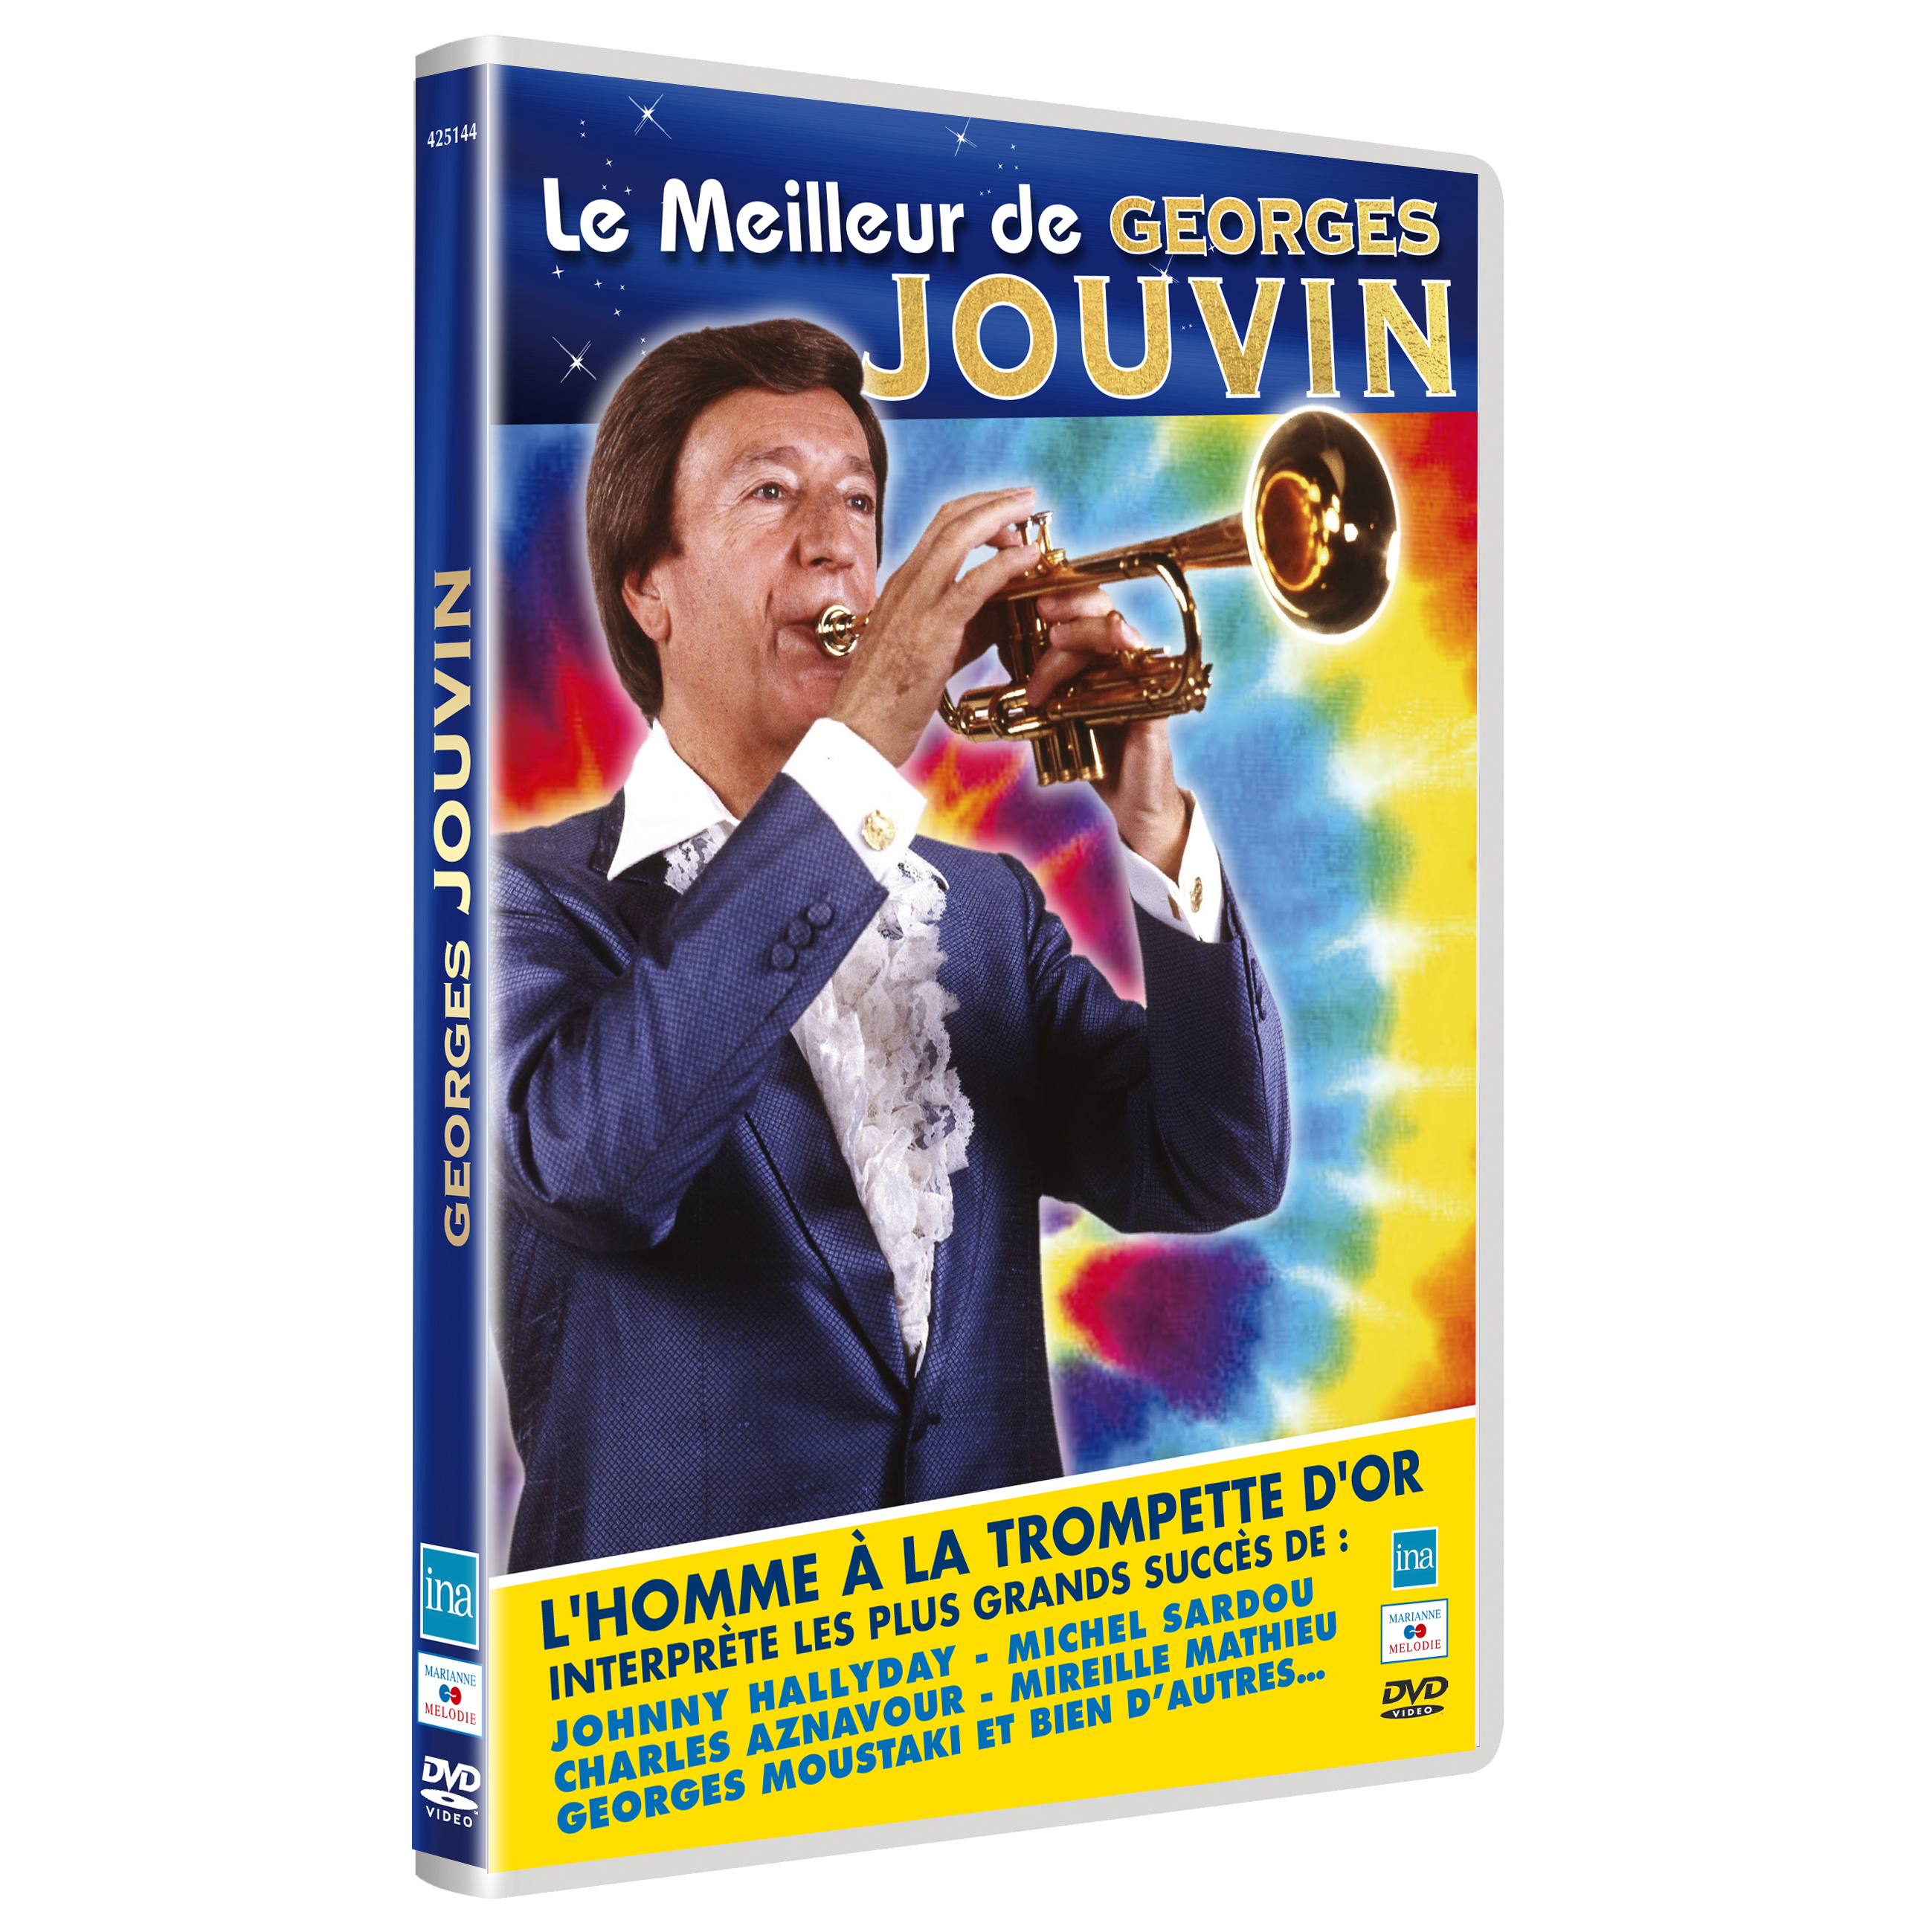 LE MEILLEUR DE GEORGES JOUVIN